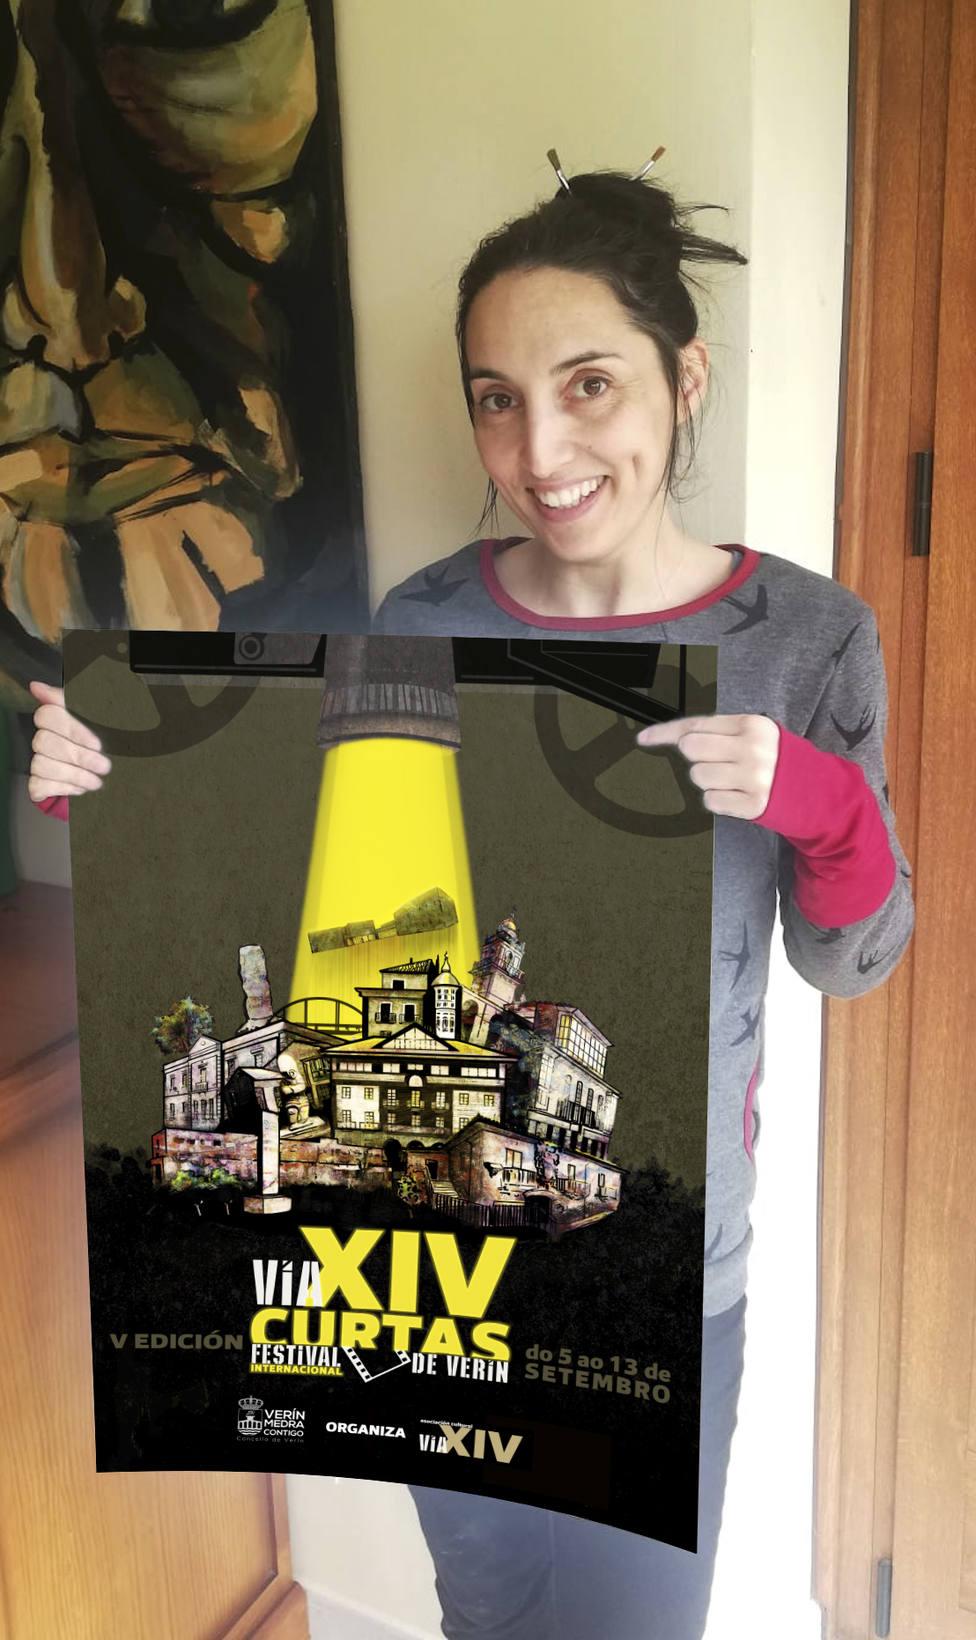 La diseñadora Olalla Diéguez posa con el cartel anunciador del FIC VIA XIV.j